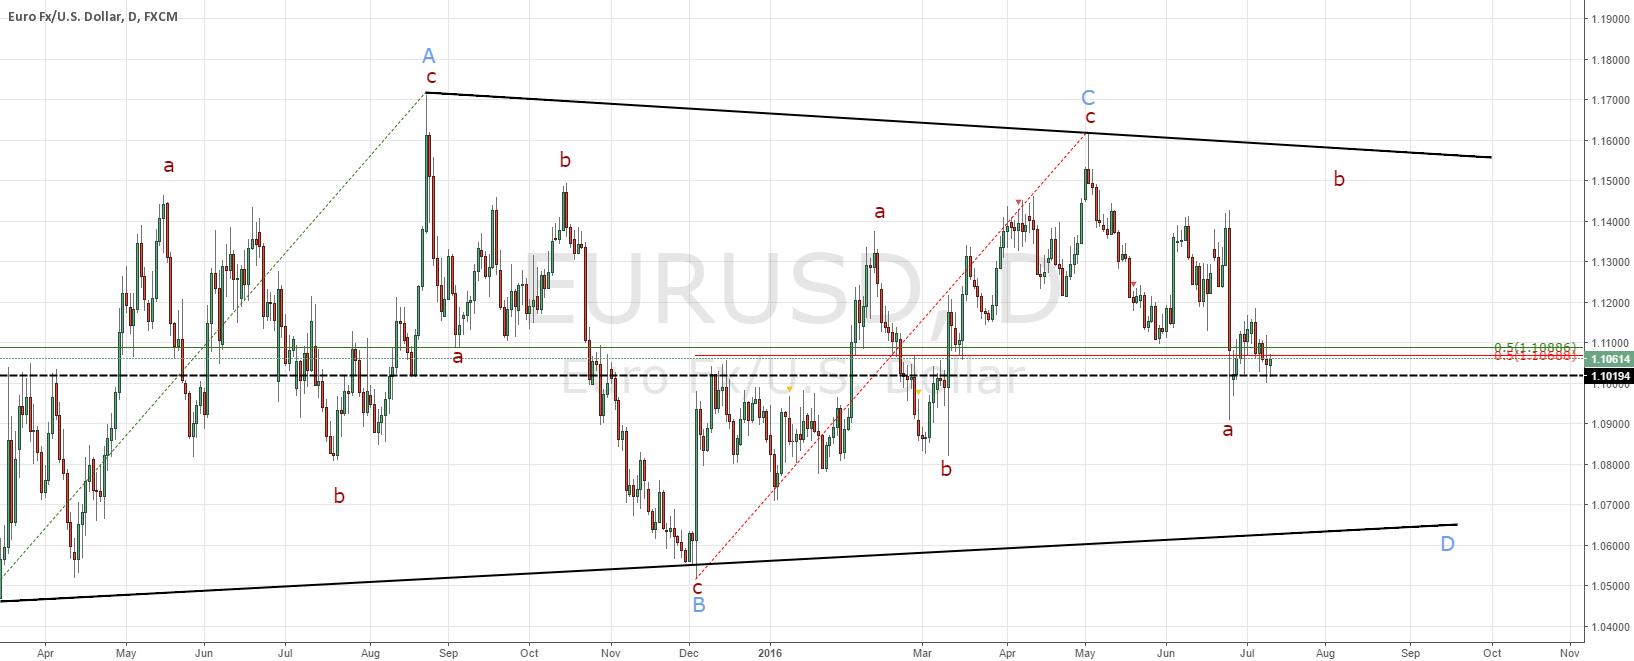 EURUSD bigger picture follow up and short term set-up